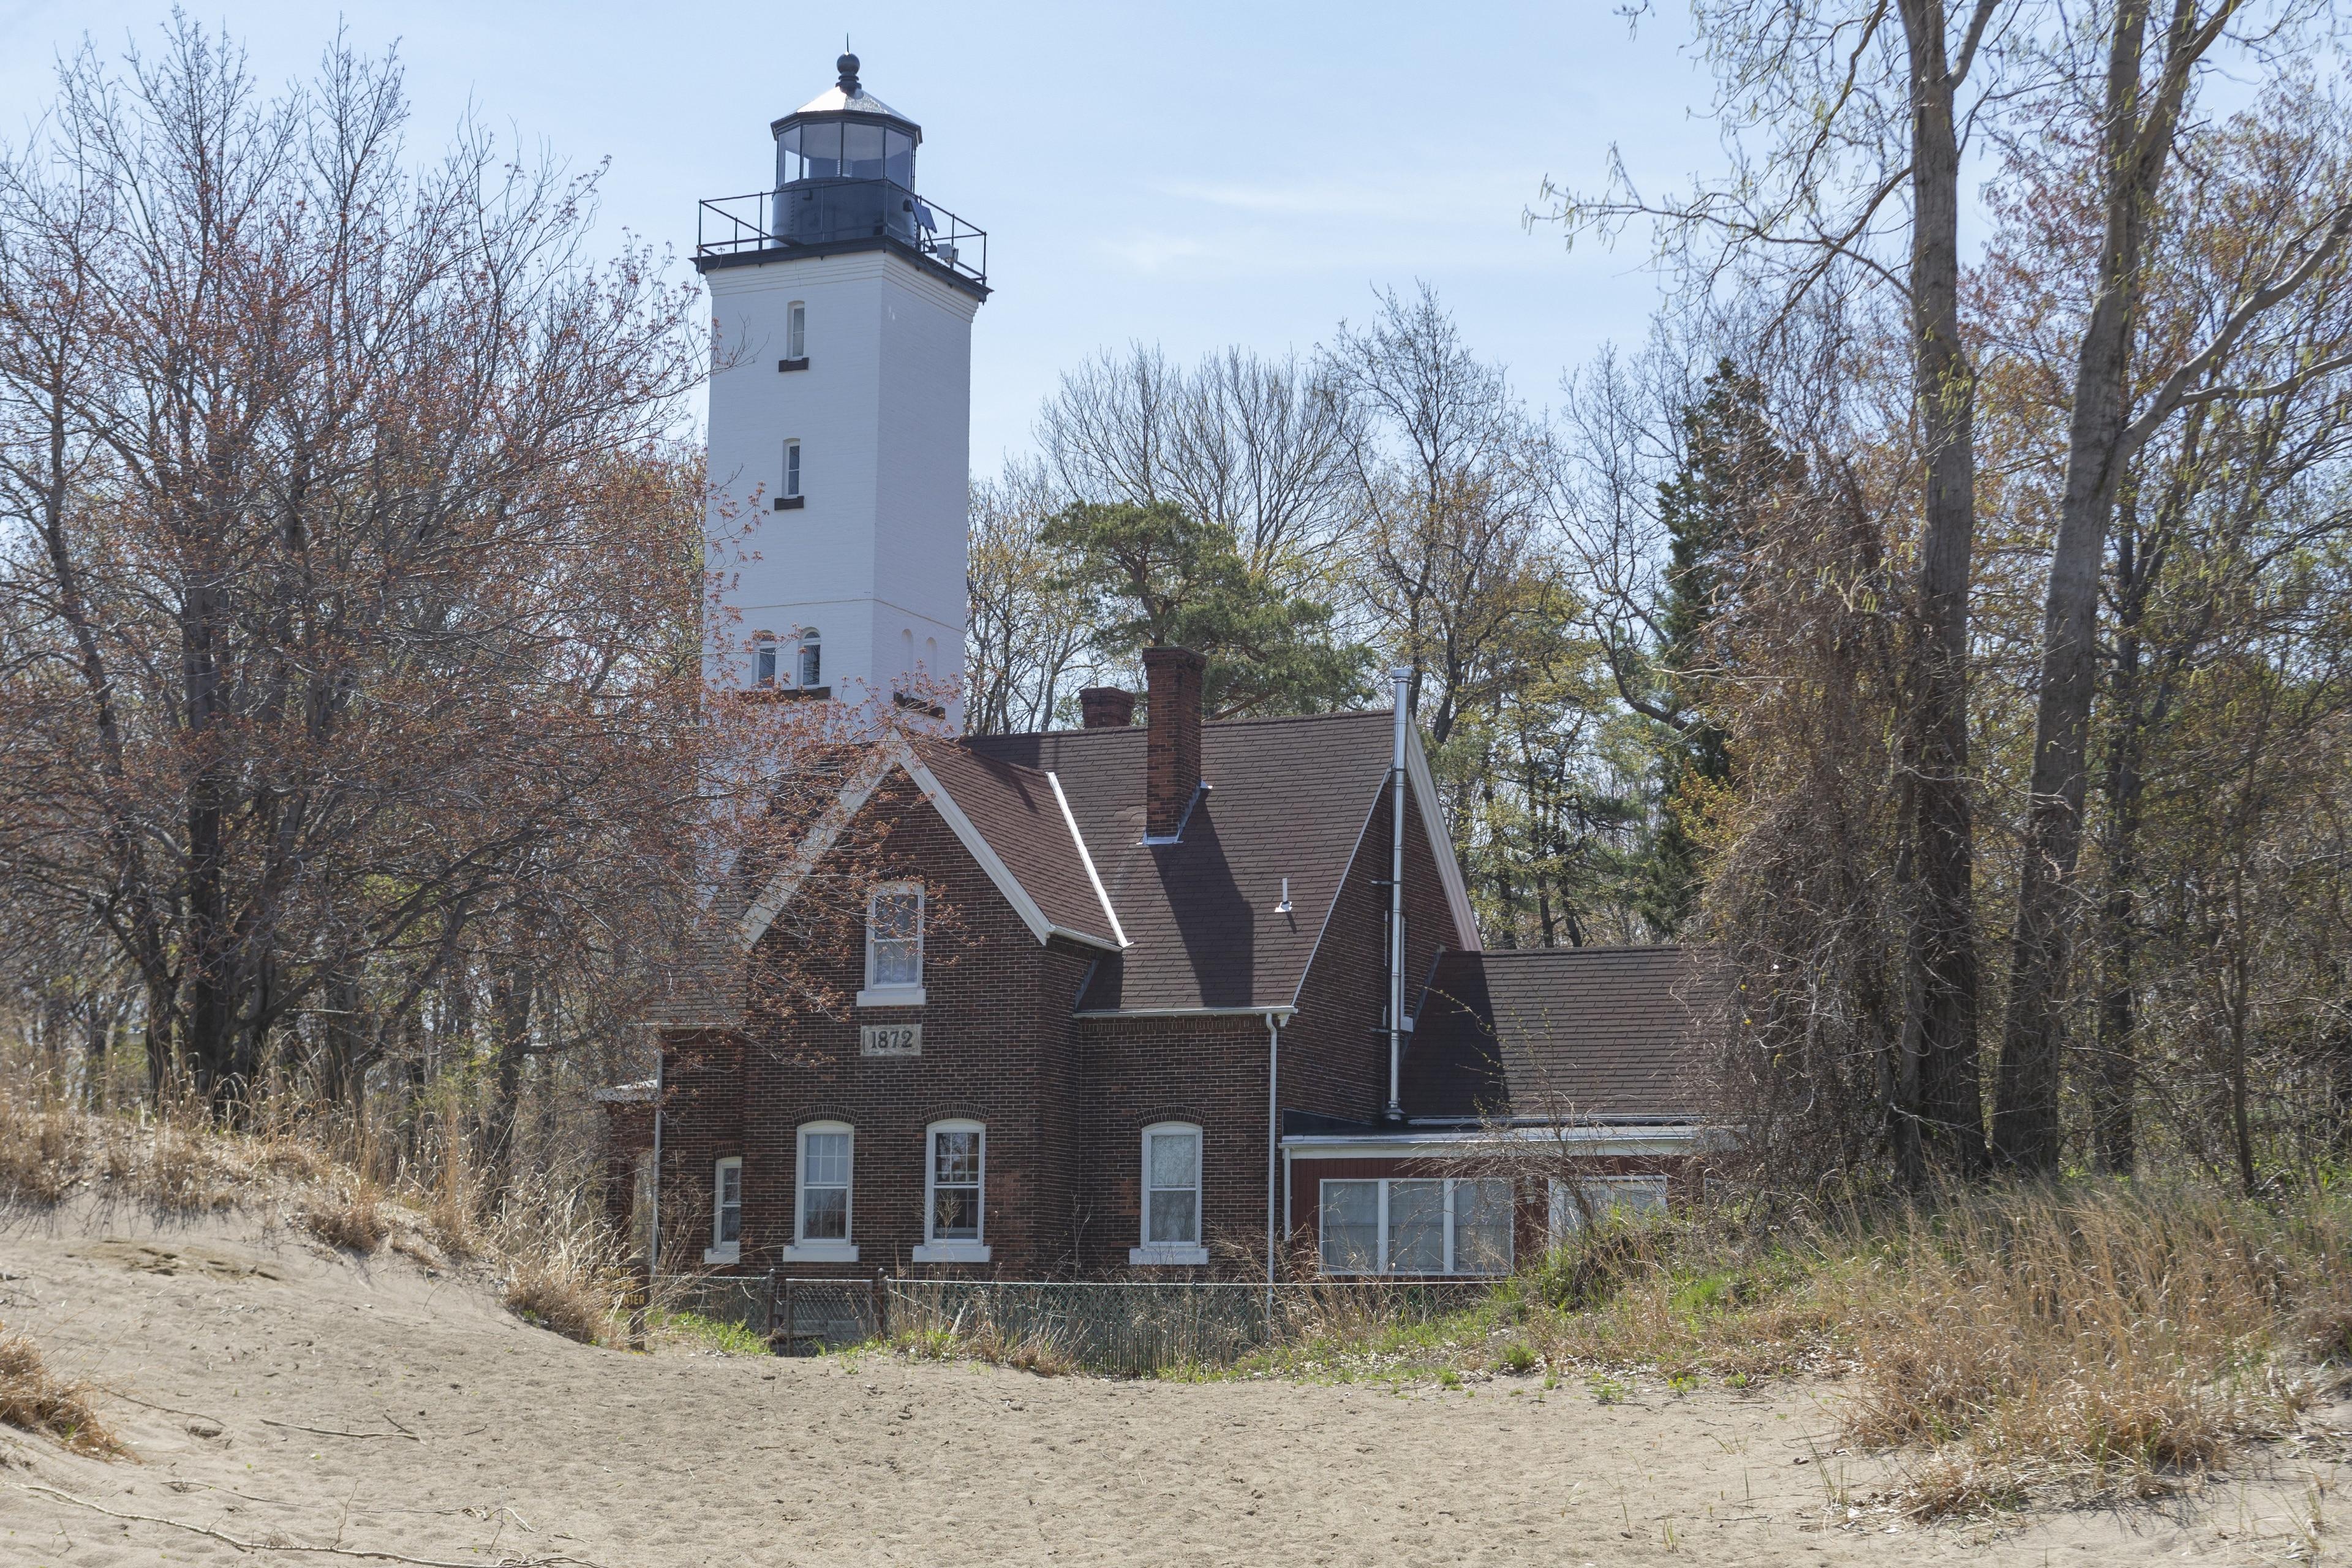 Aroostook, Maine, United States of America